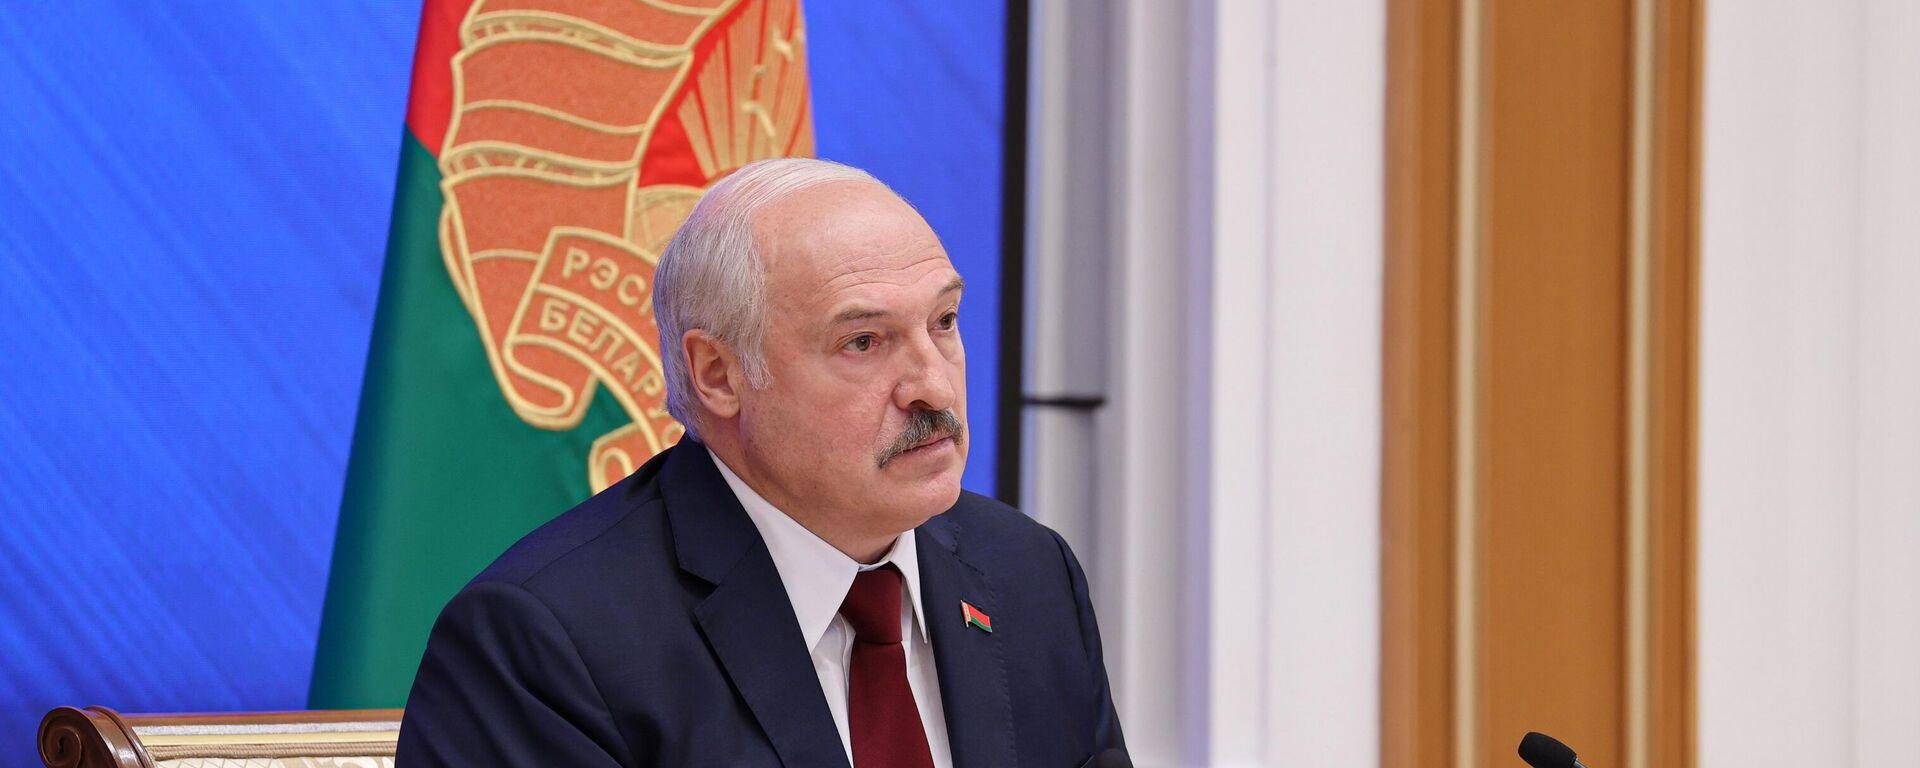 Predsednik Belorusije Aleksandar Lukašenko - Sputnik Srbija, 1920, 23.08.2021